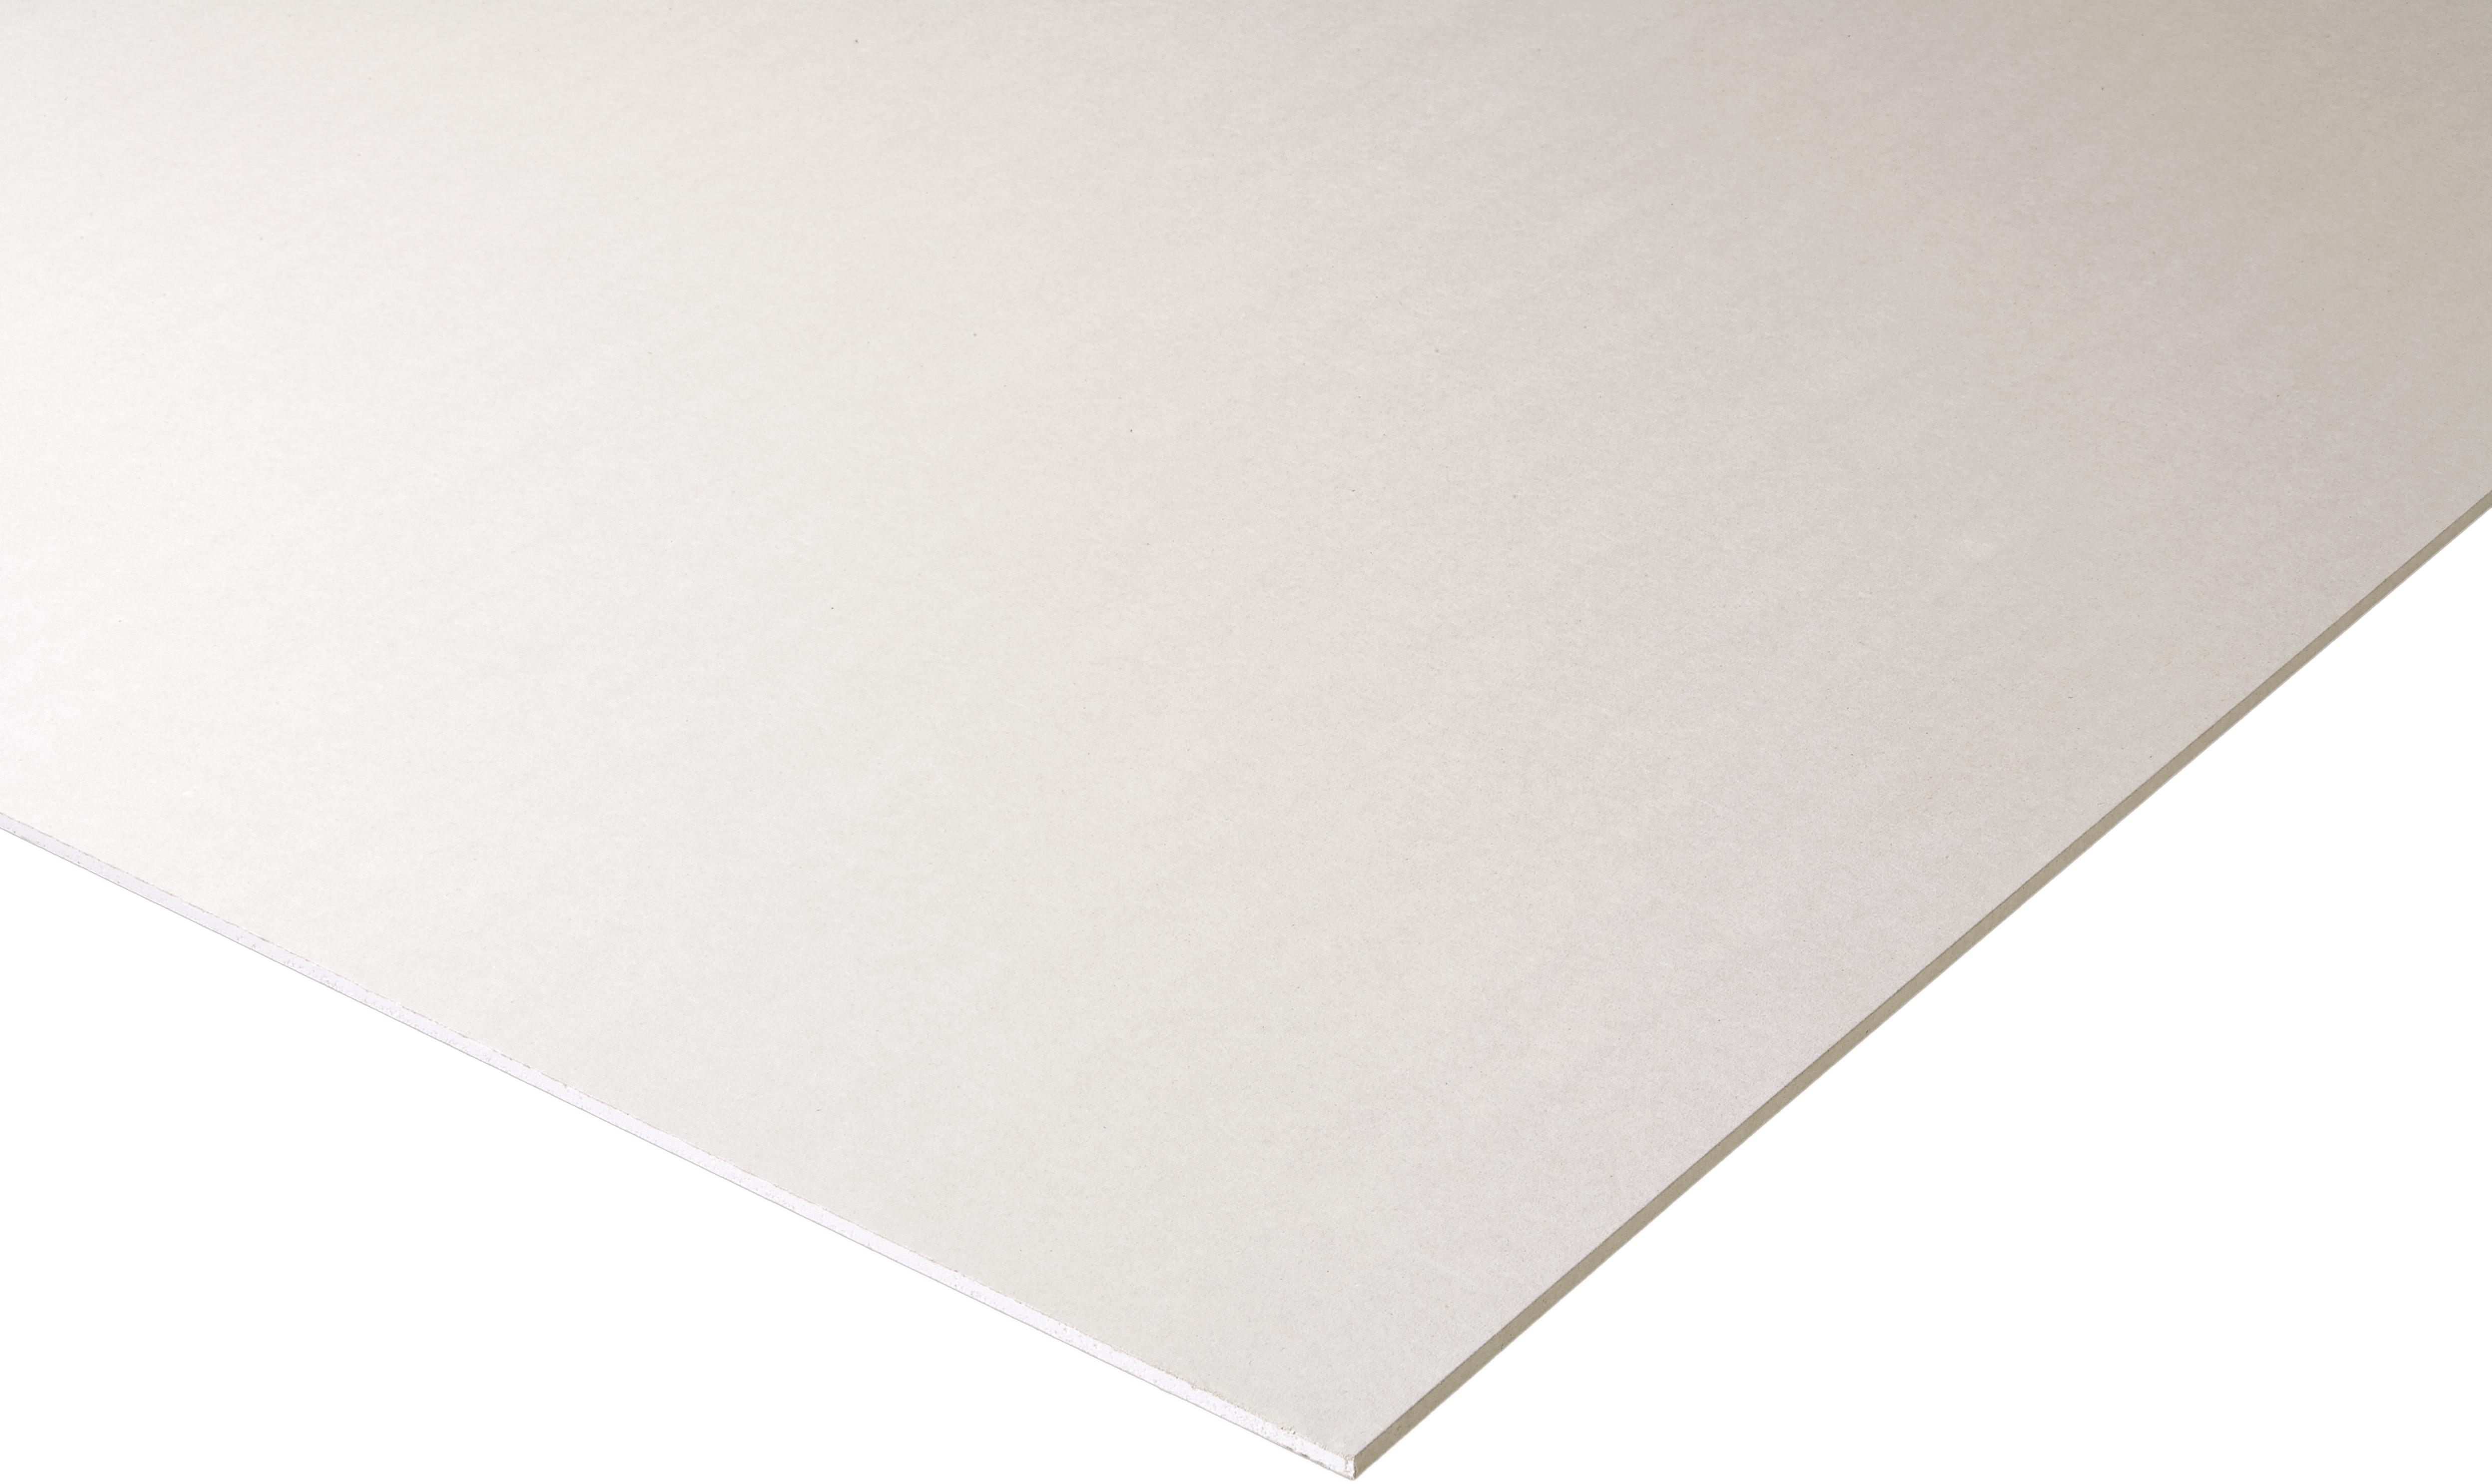 knauf formplatte 6 5 mm. Black Bedroom Furniture Sets. Home Design Ideas